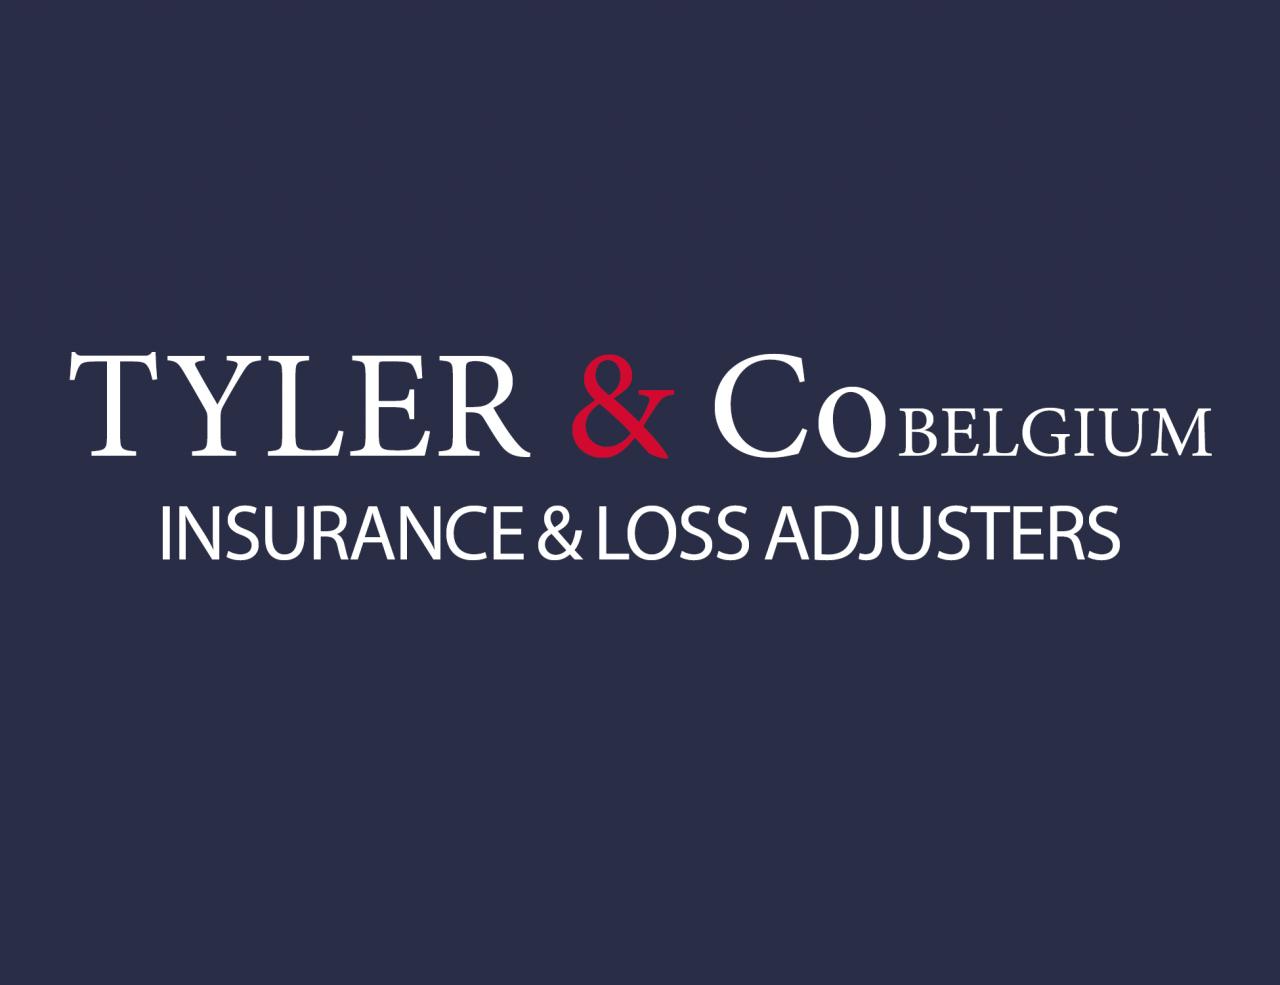 Tyler & Co